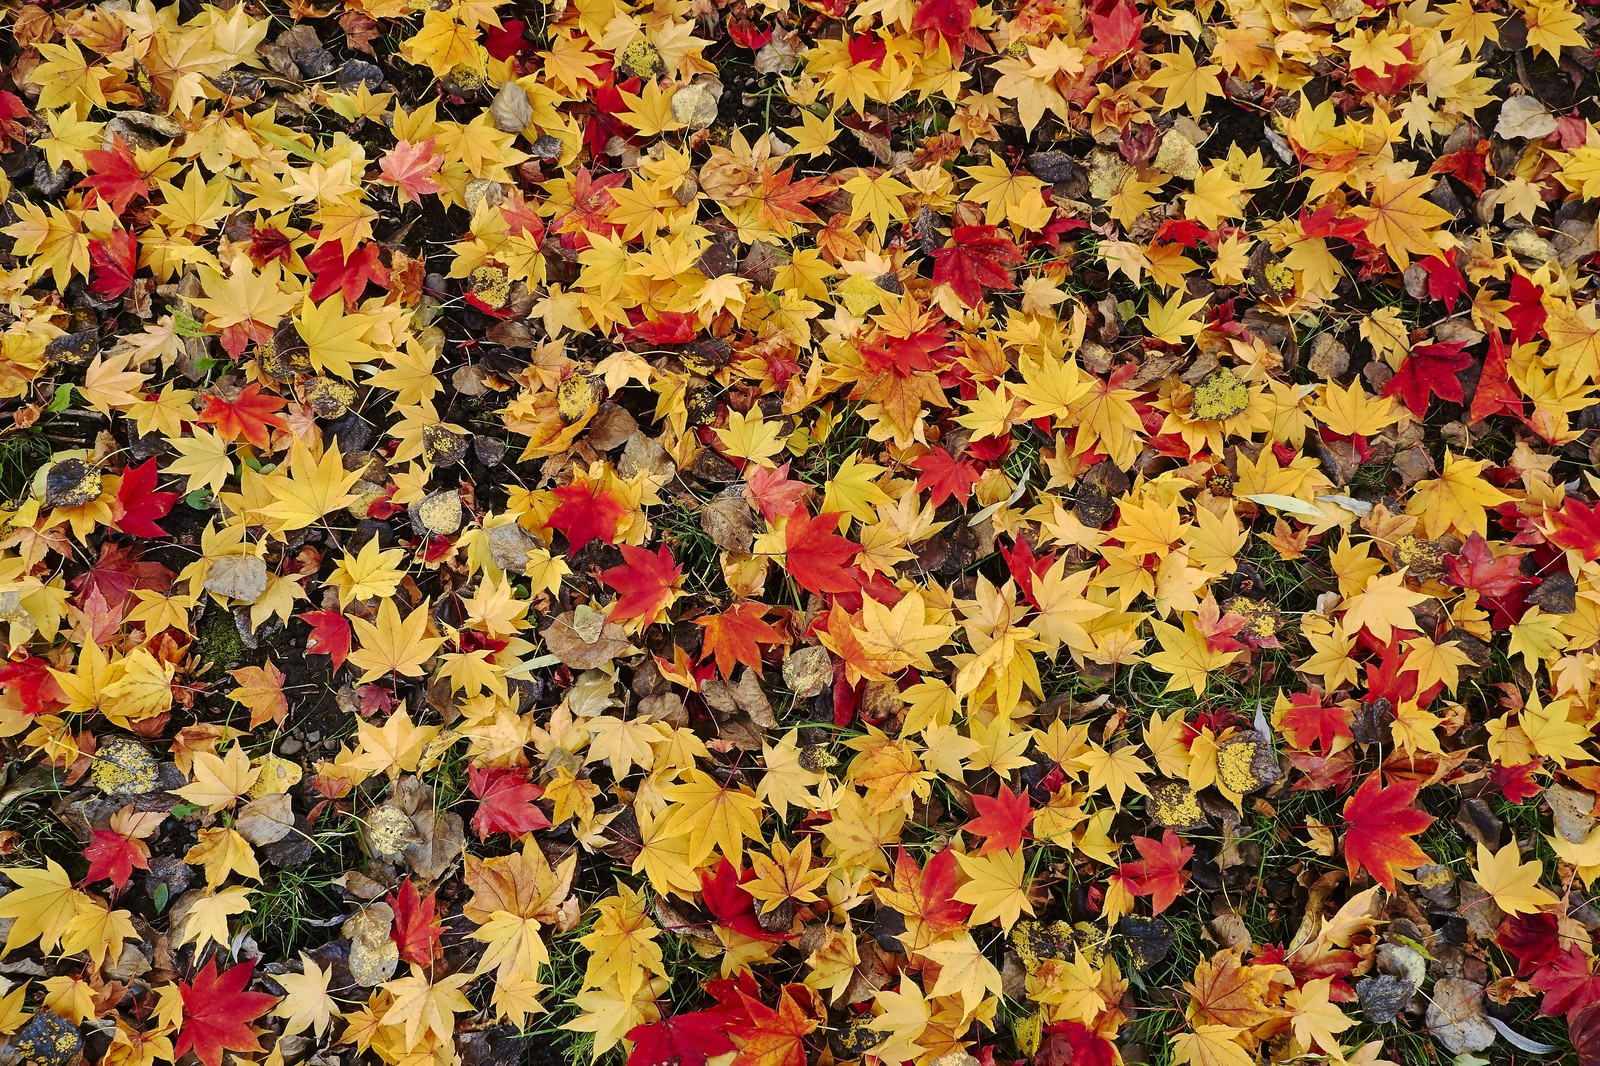 「一面の落ち葉」の写真